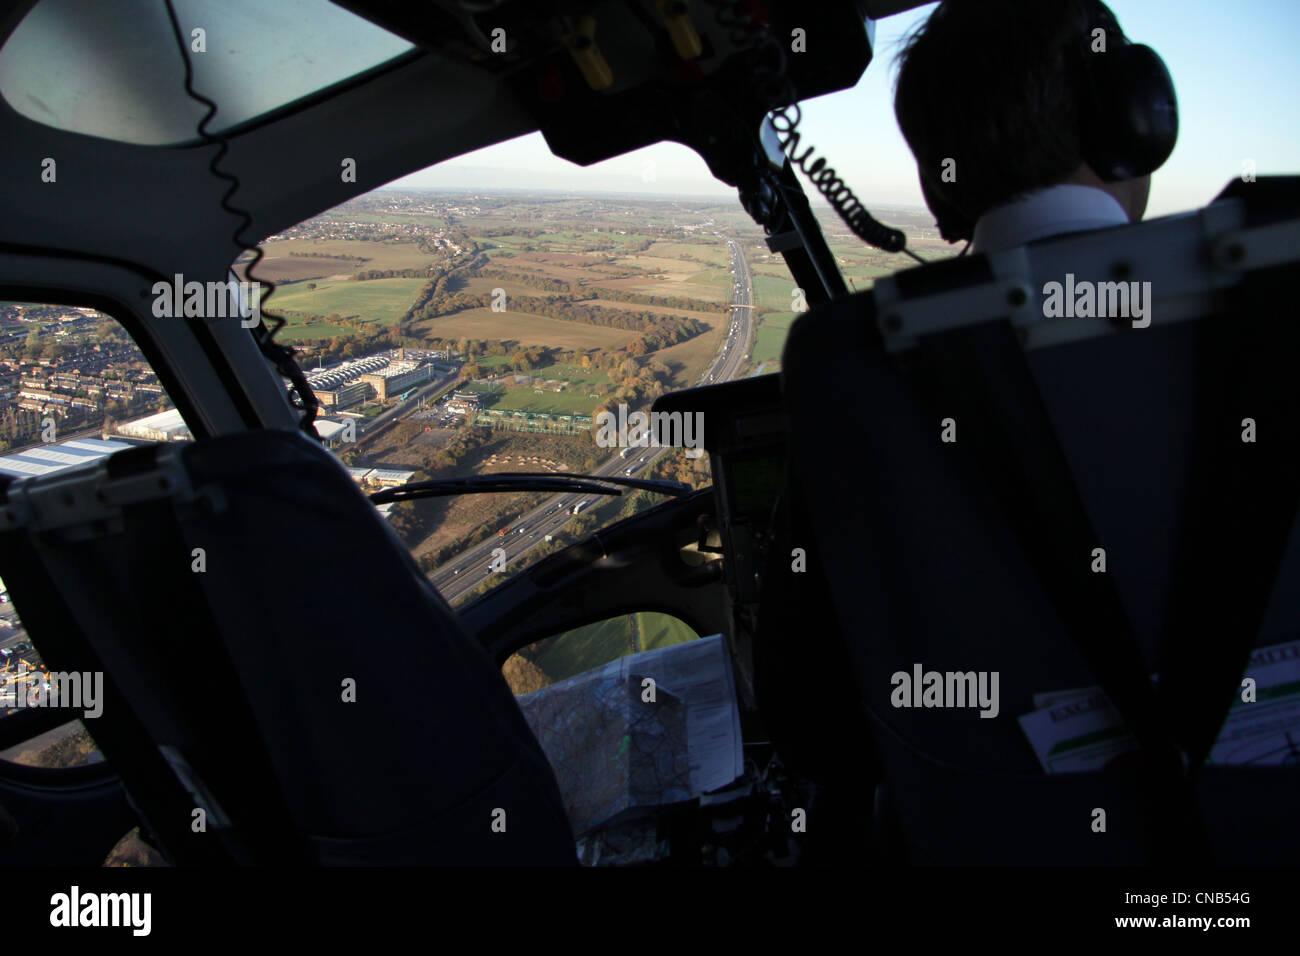 vue depuis lintrieur dun hlicoptre au dessus de lcureuil 1 m11